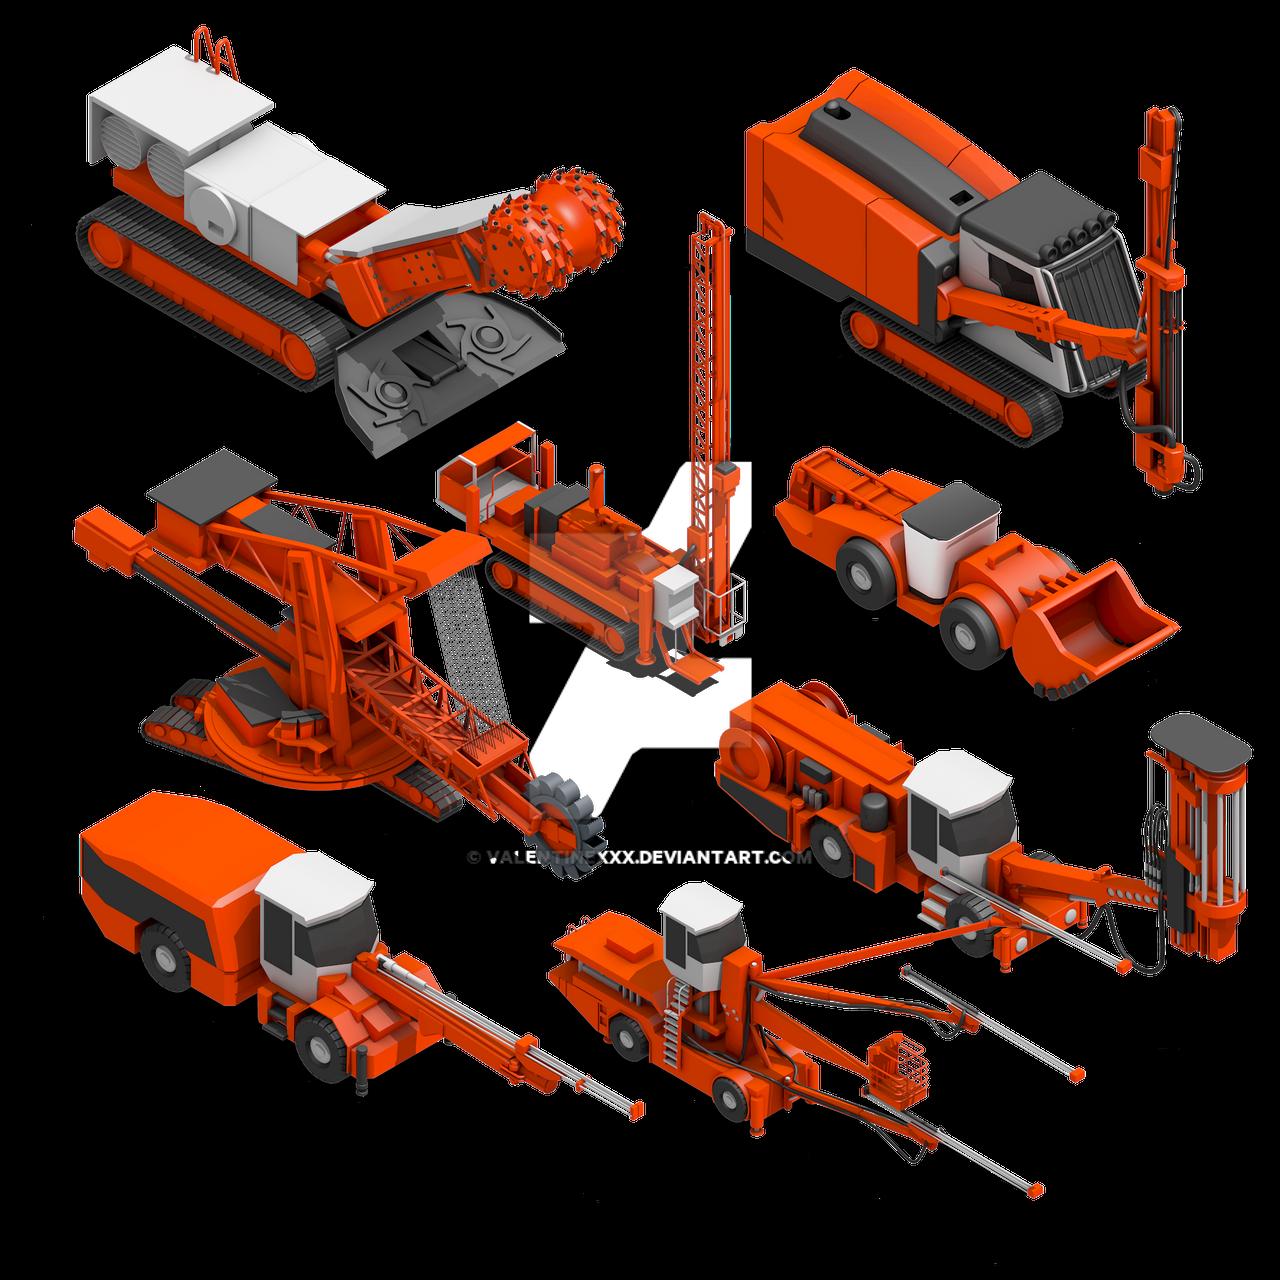 Mining-Machines by ValentineXXX